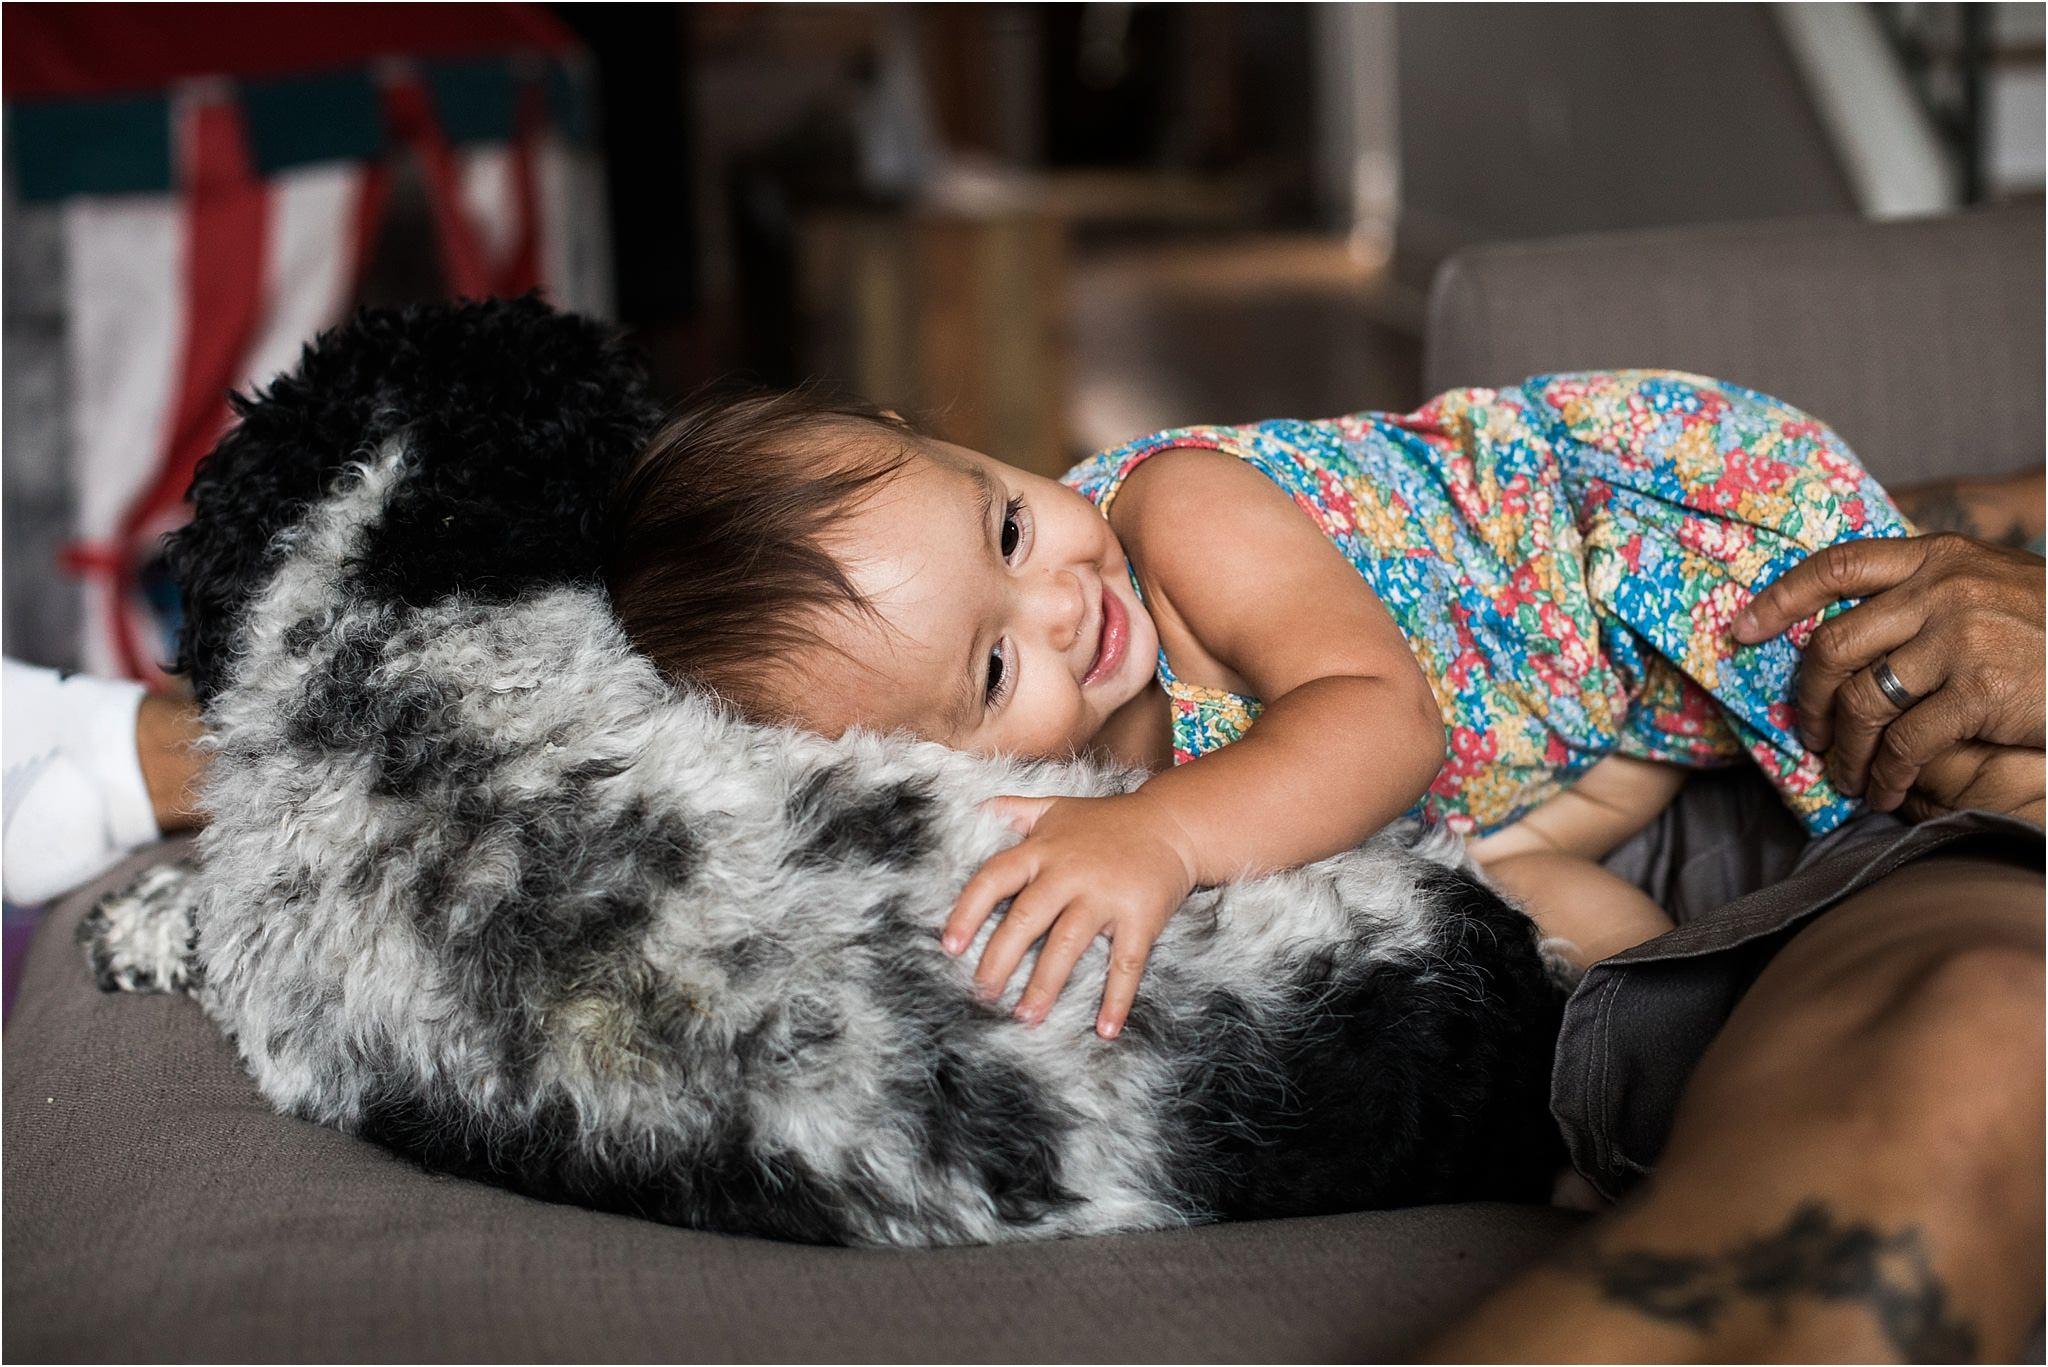 baby girl snuggling family dog on coush